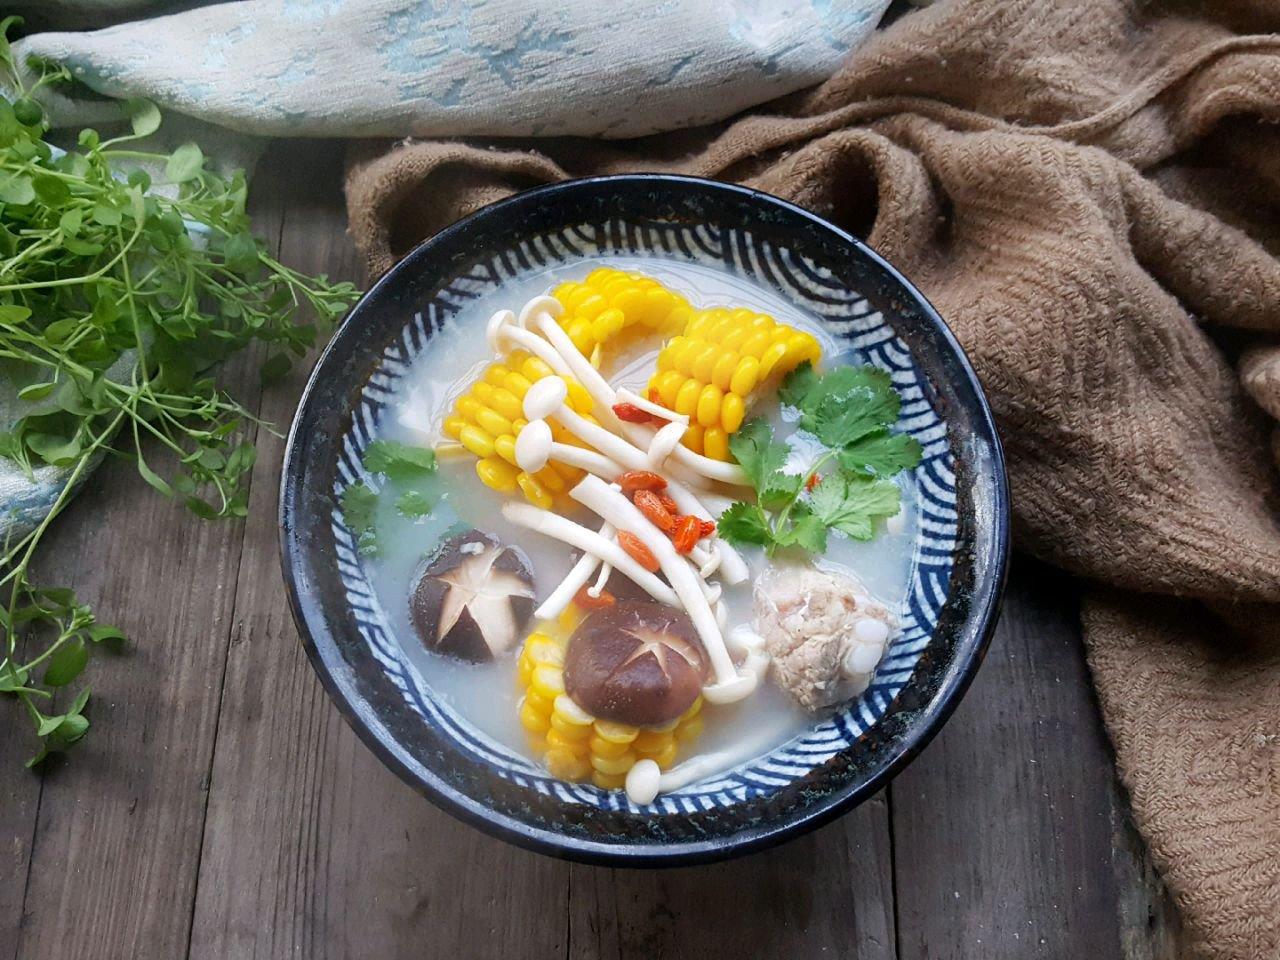 Bữa tối 3 món thanh nhẹ dễ ăn dễ nấu, vụng mấy cũng làm được - Ảnh 3.